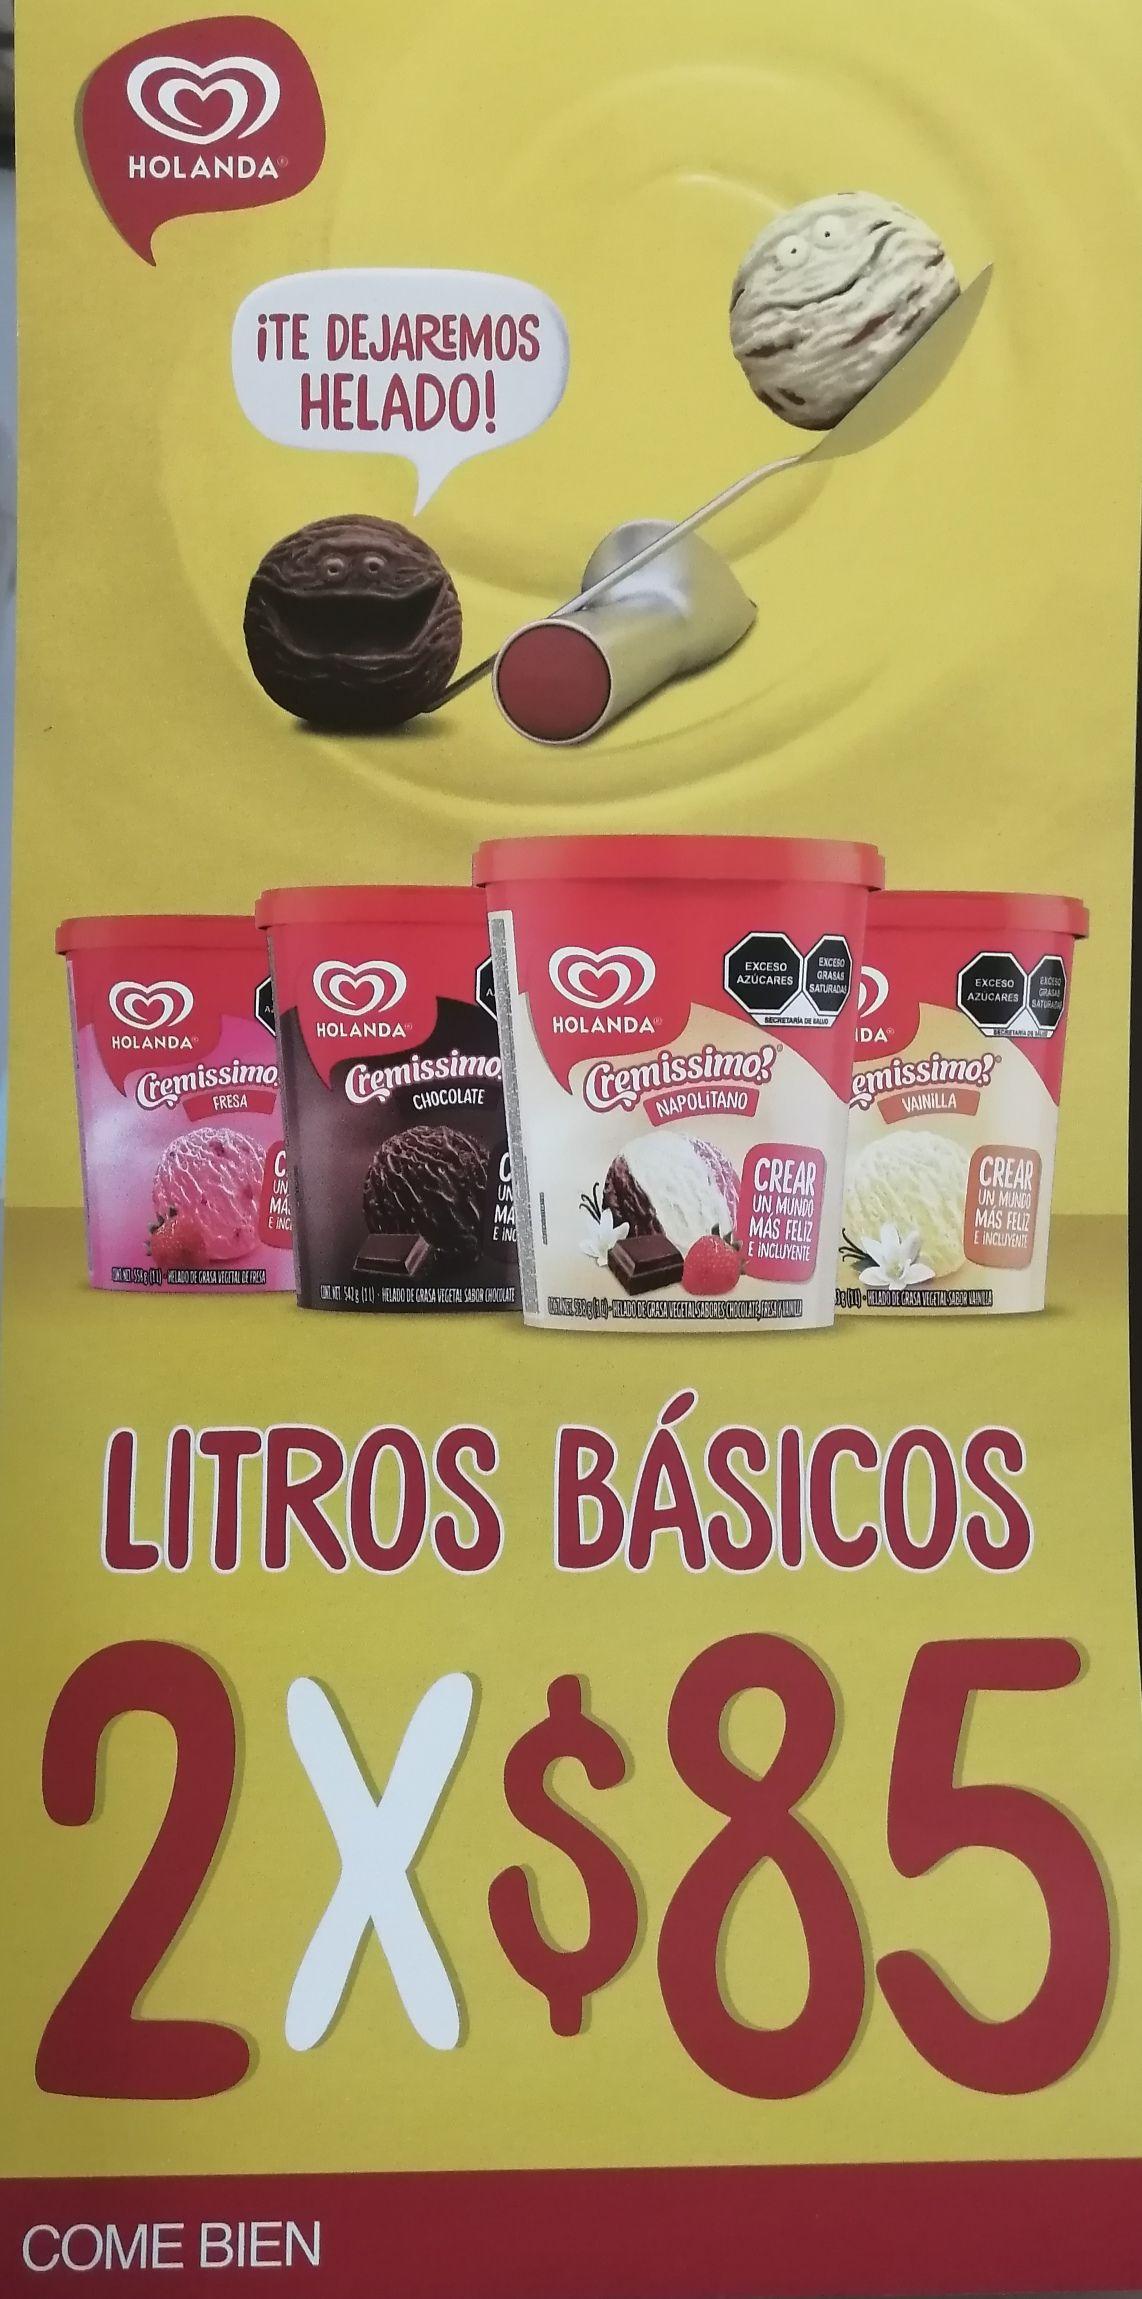 Farmacias Guadalajara: Helado holanda 2 lts x $85 (sabores básicos)